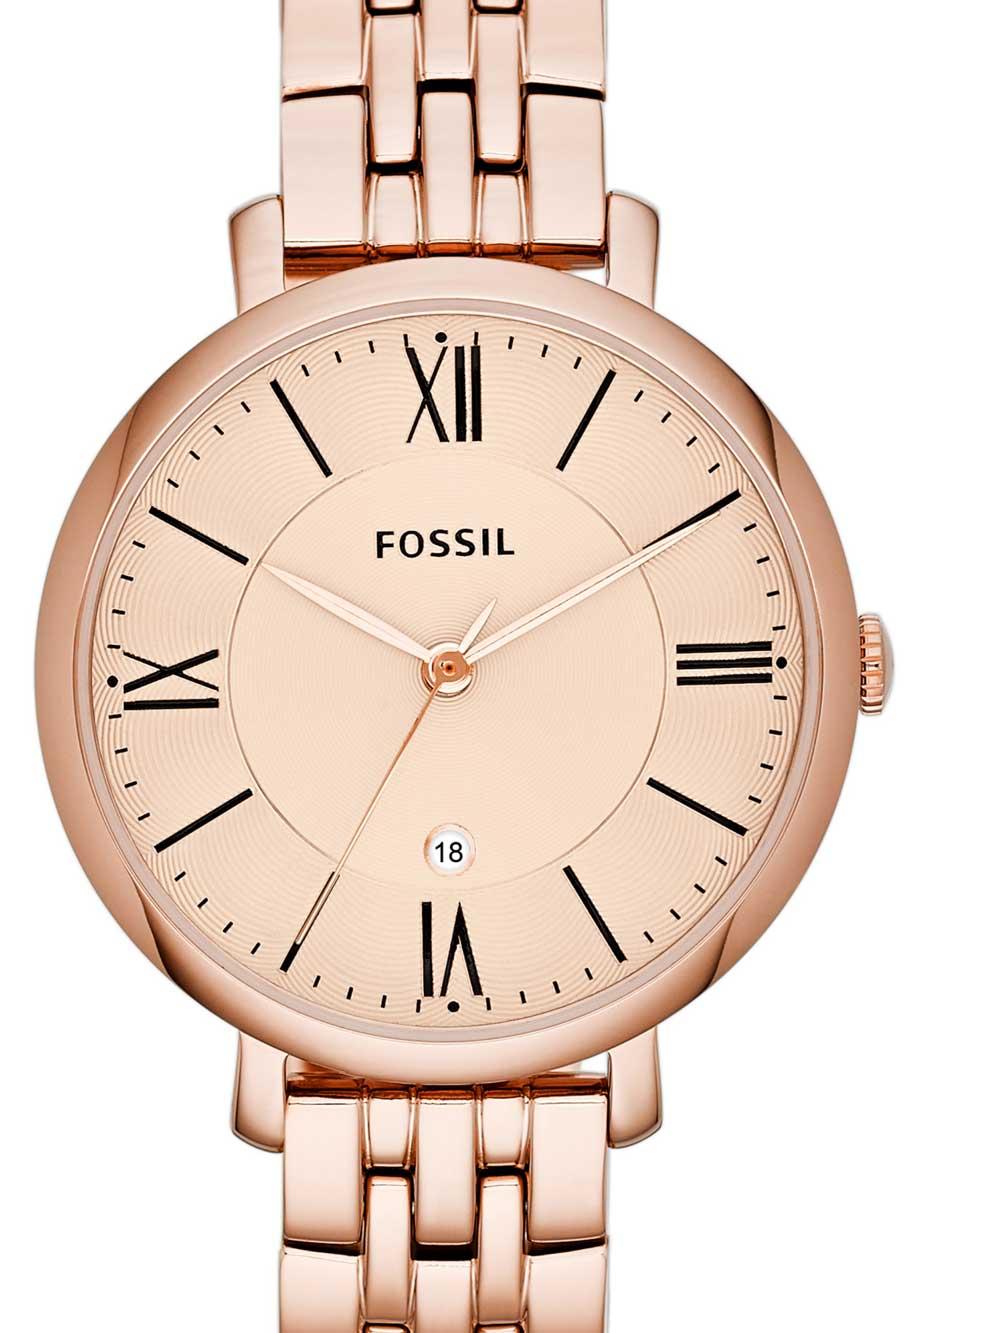 Fossil ES3435 Jacqueline Damen 36mm 3ATM